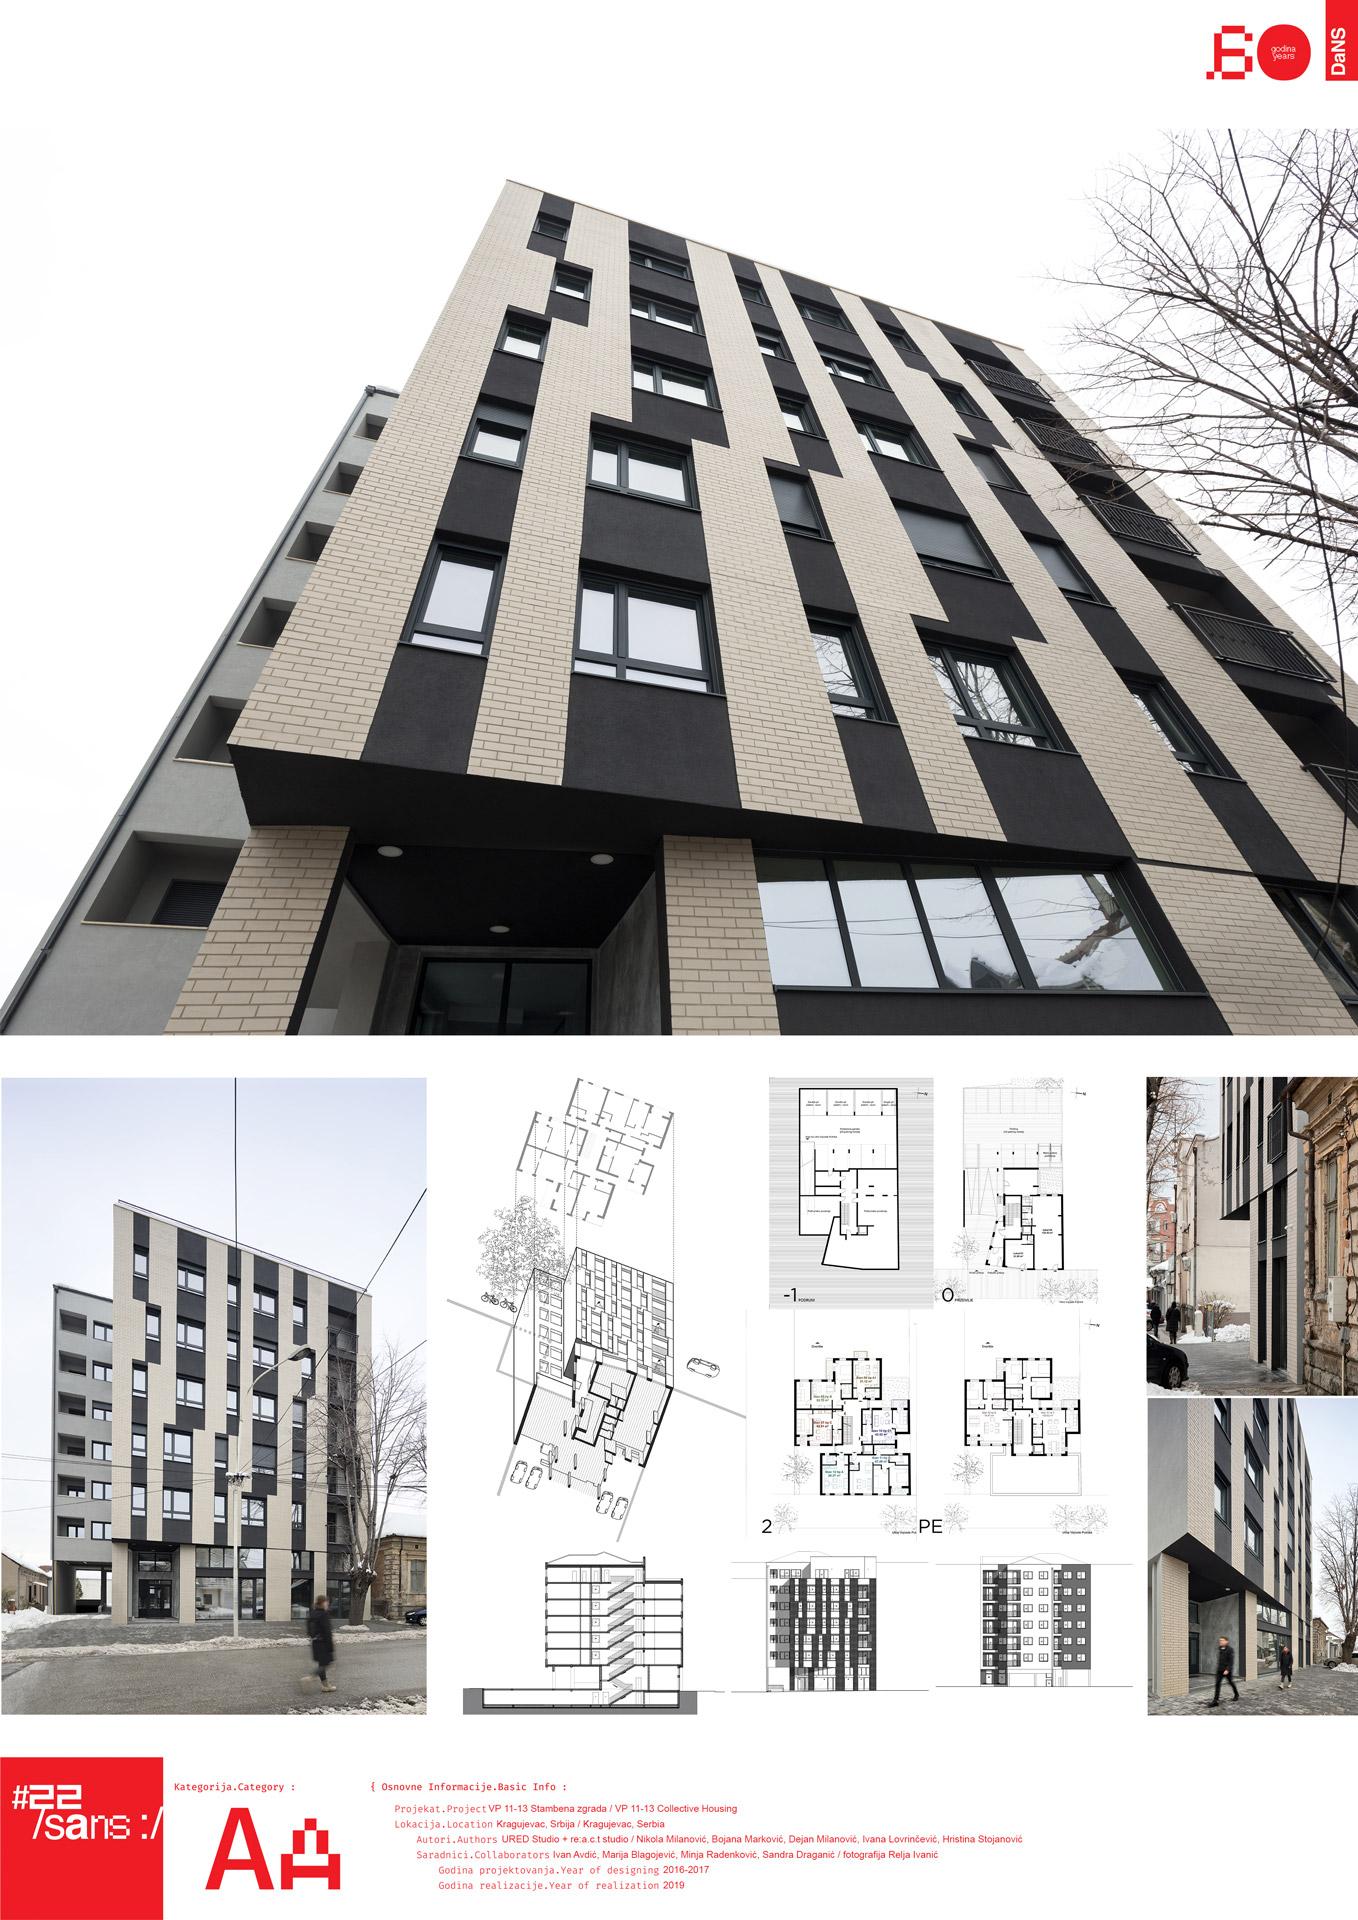 """<p class=""""naslov-br"""">aa40</p>Kolektivno stanovanje VP 11-13 // VP 11-13 Collective housing"""